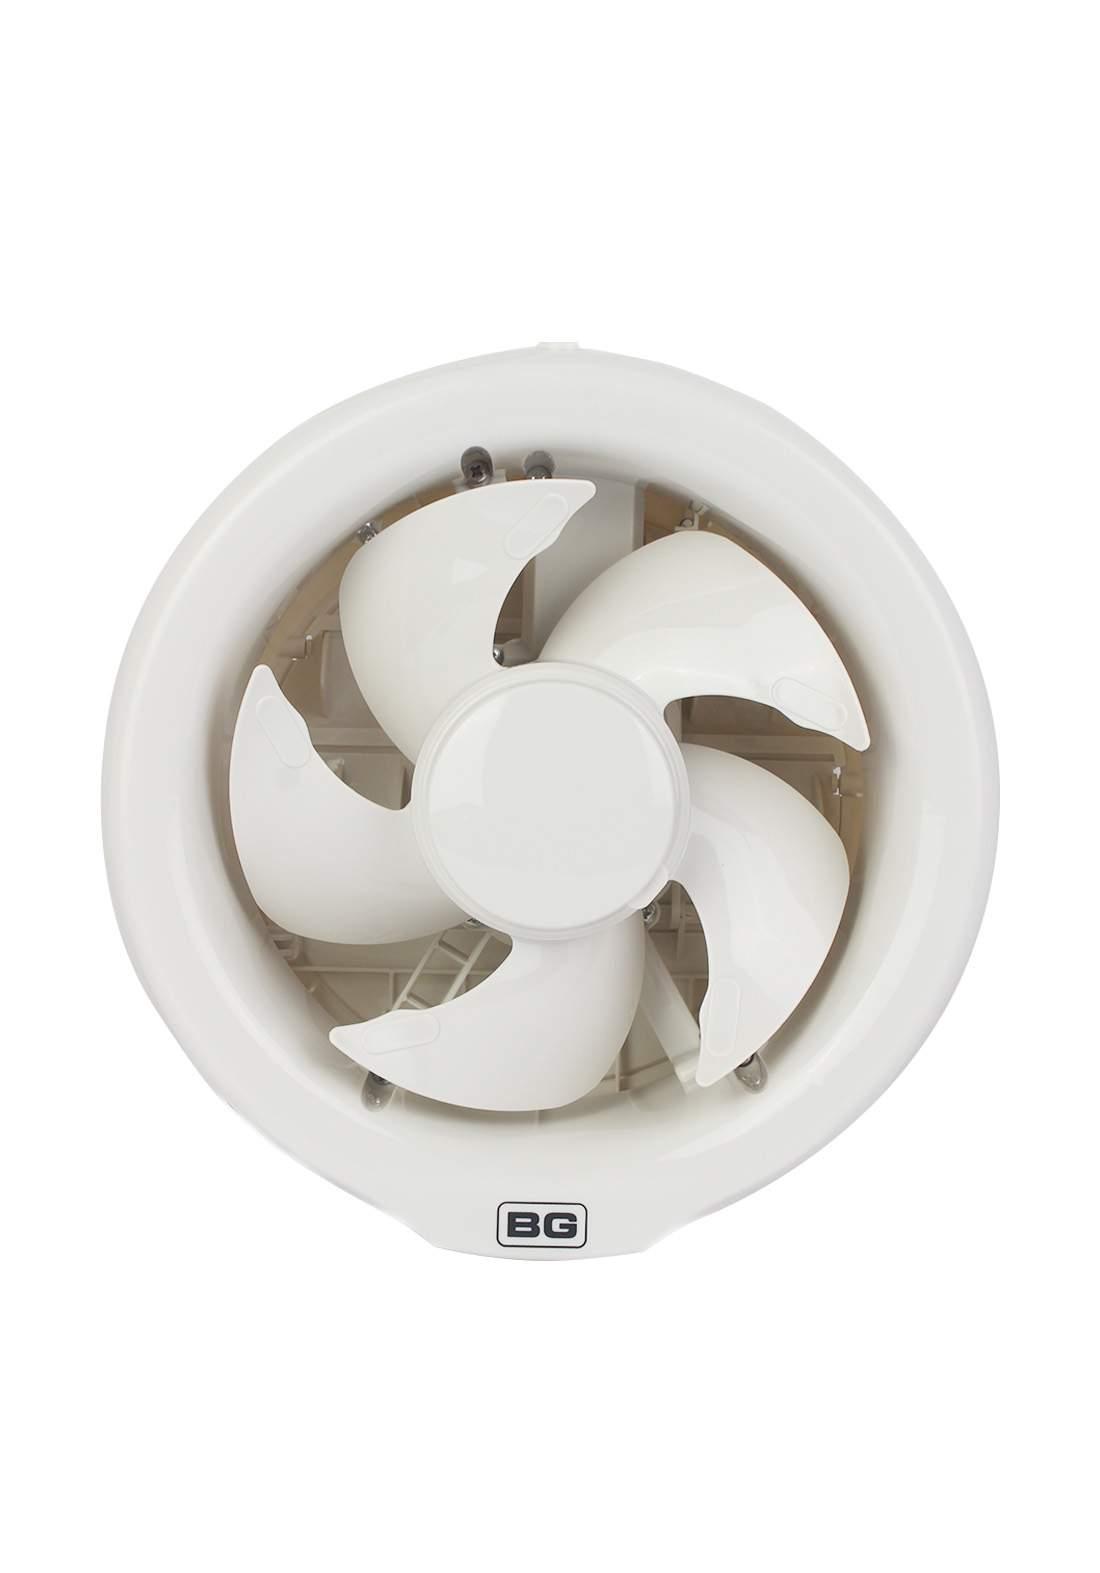 Bg Ventilating Fan 8 inch مفرغة هواء (ساحبة)